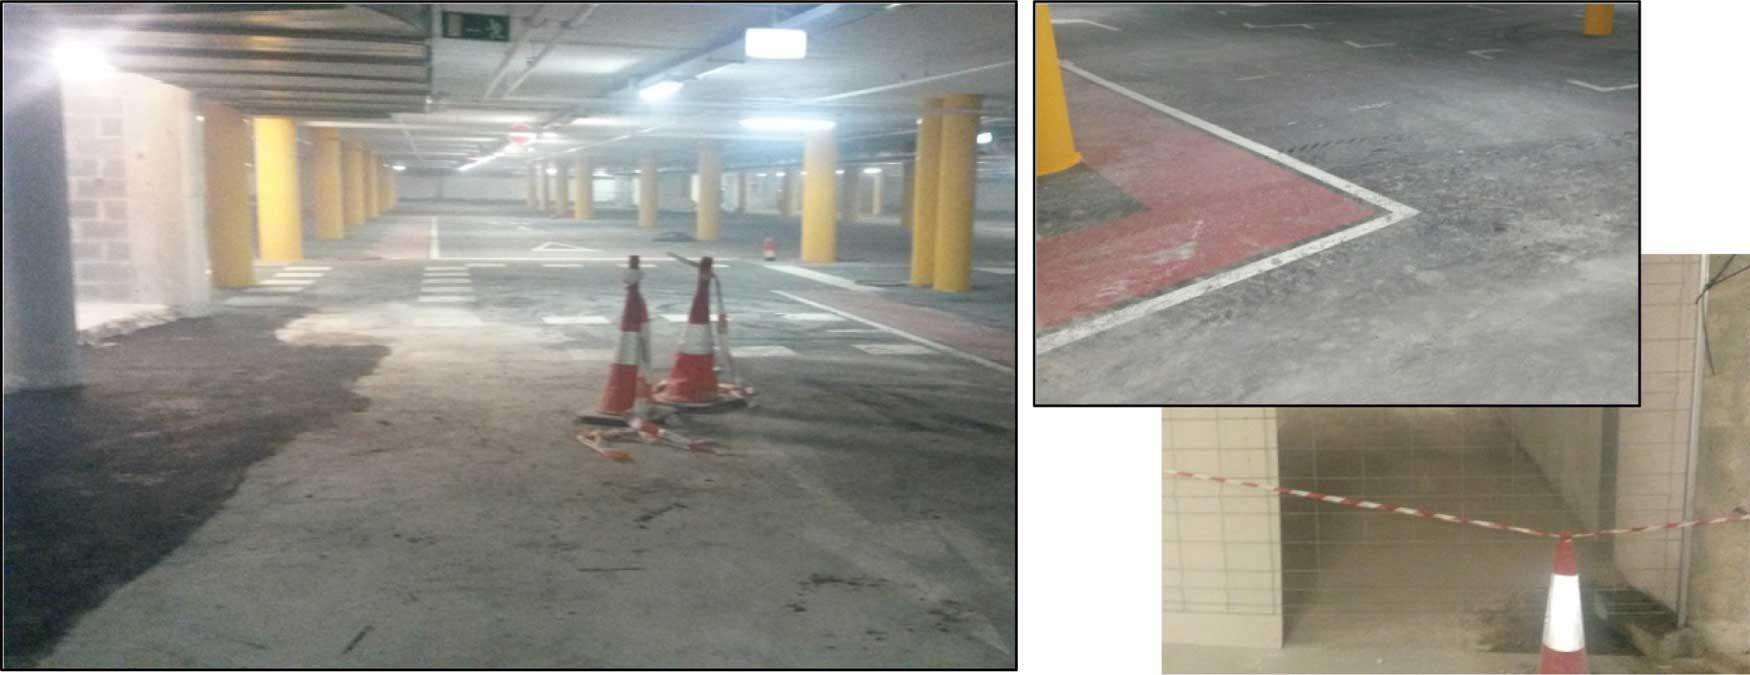 Pavimento-autonivelante-poliuretano-estado-previo-01